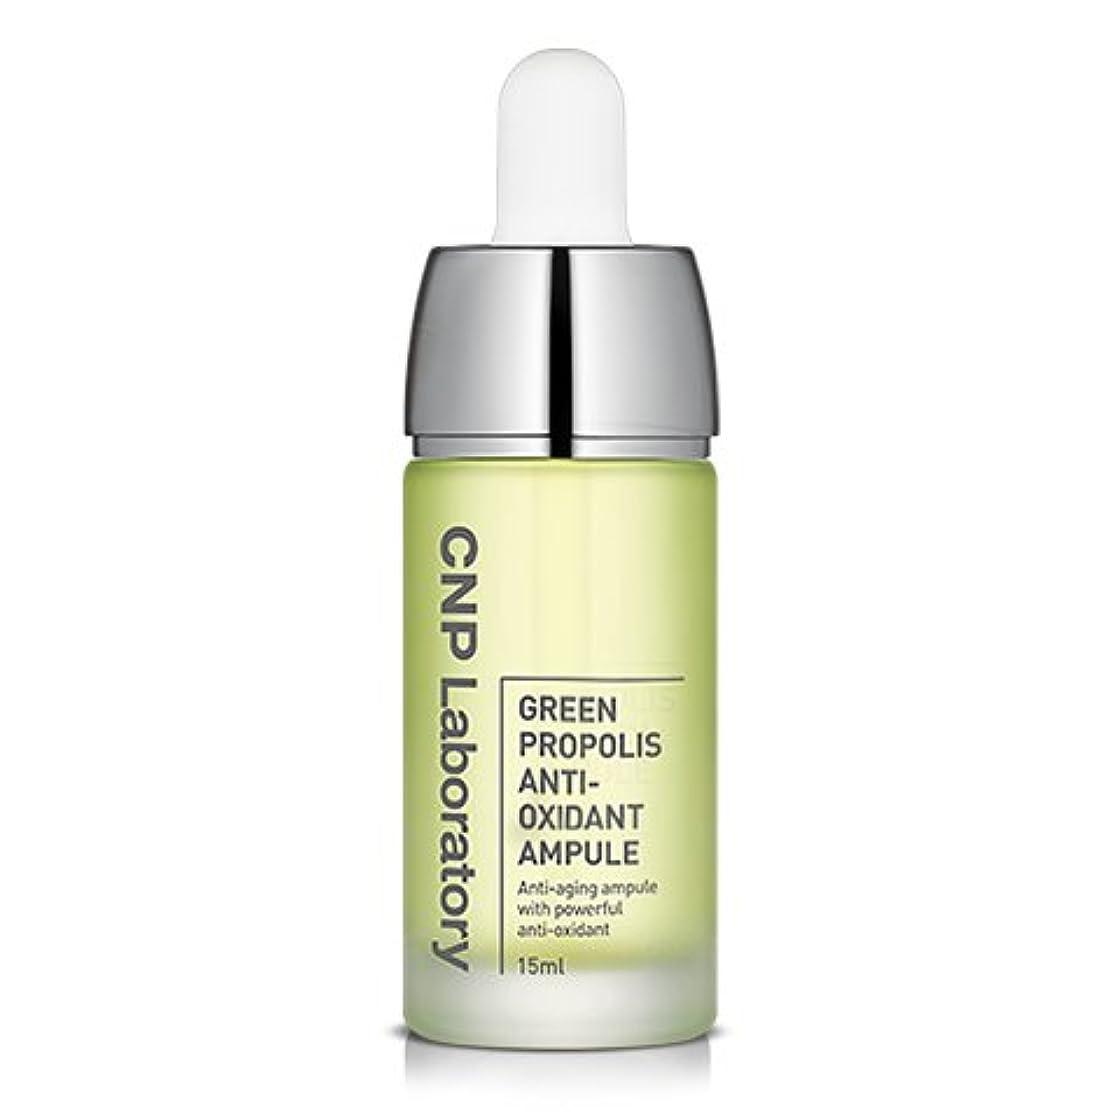 言及するインタラクション購入CNP Laboratory グリーンプロポリス酸化防止剤アンプル/Green Propolis Anti-Oxidant Ampule 15ml [並行輸入品]